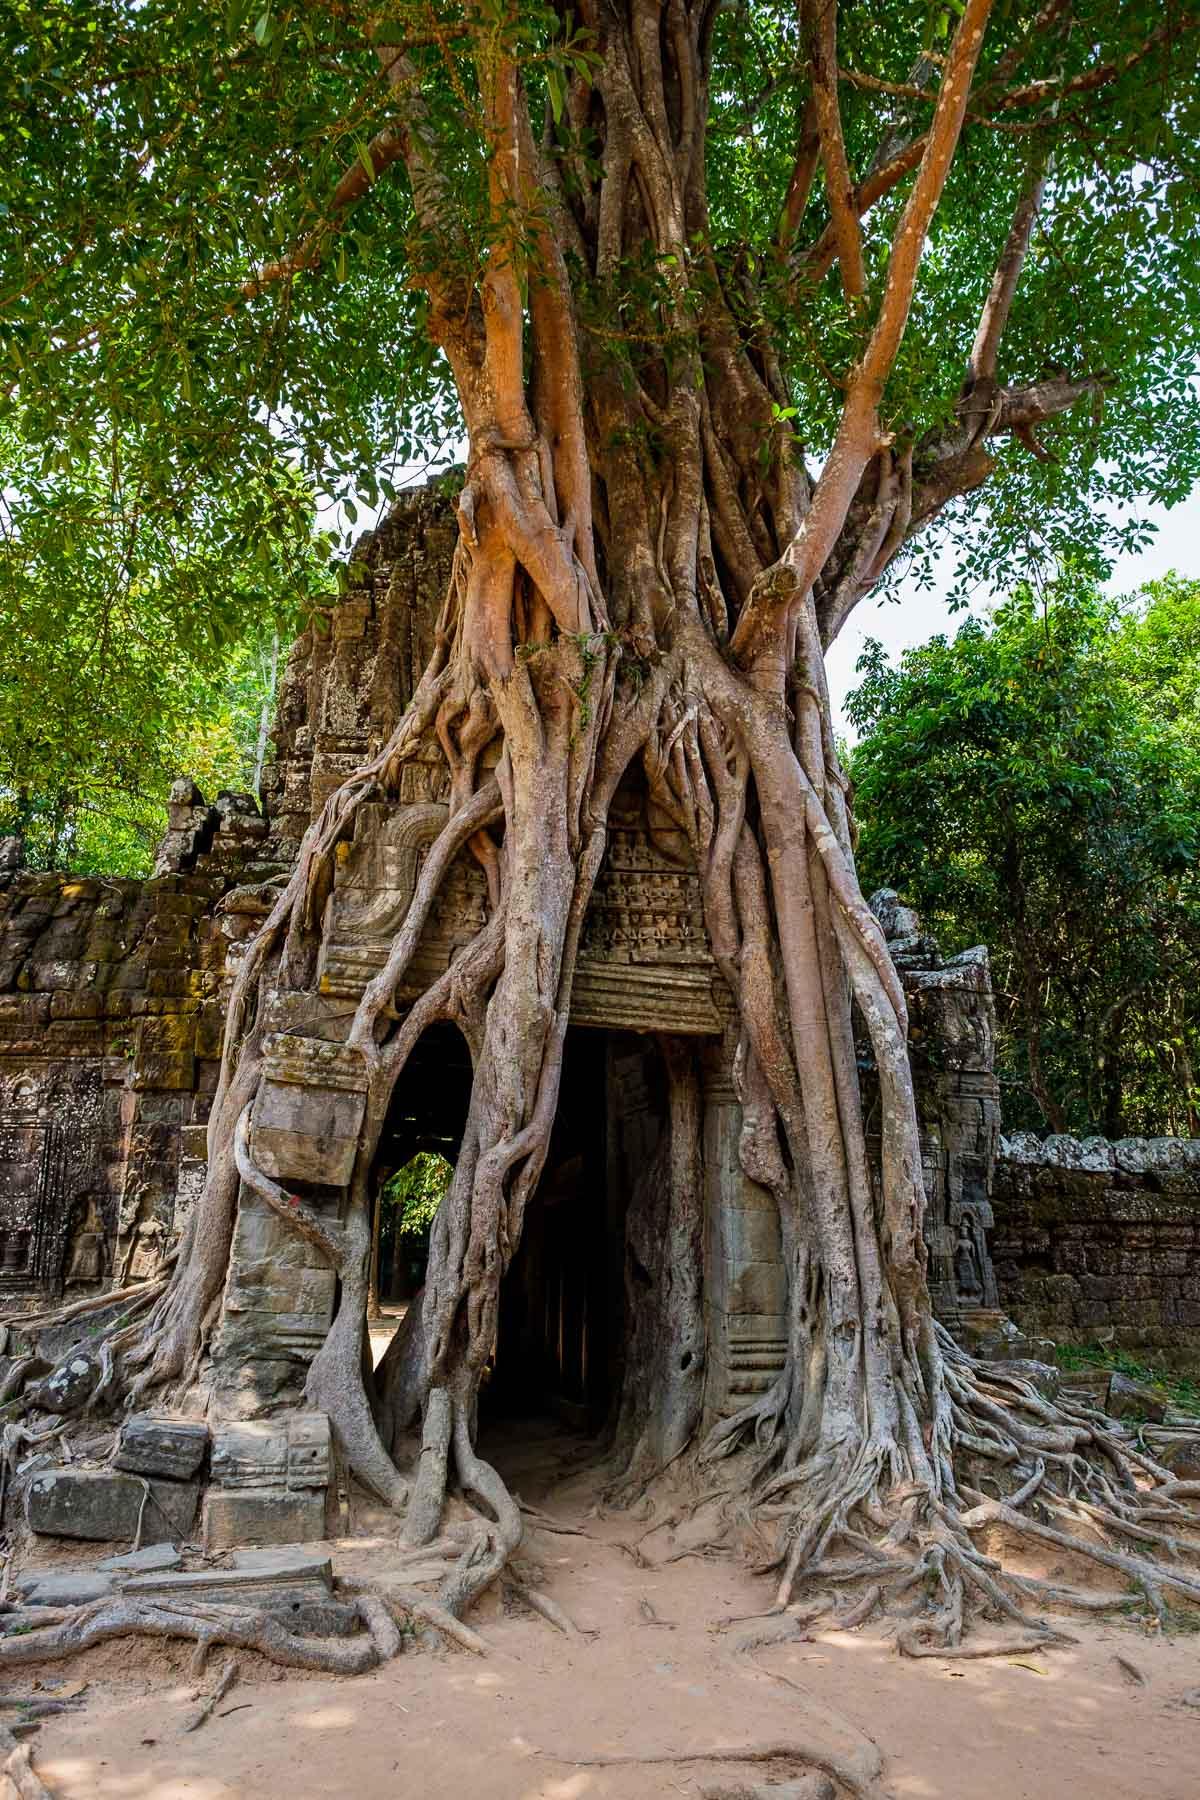 Tree roots Ta som temple Cambodia